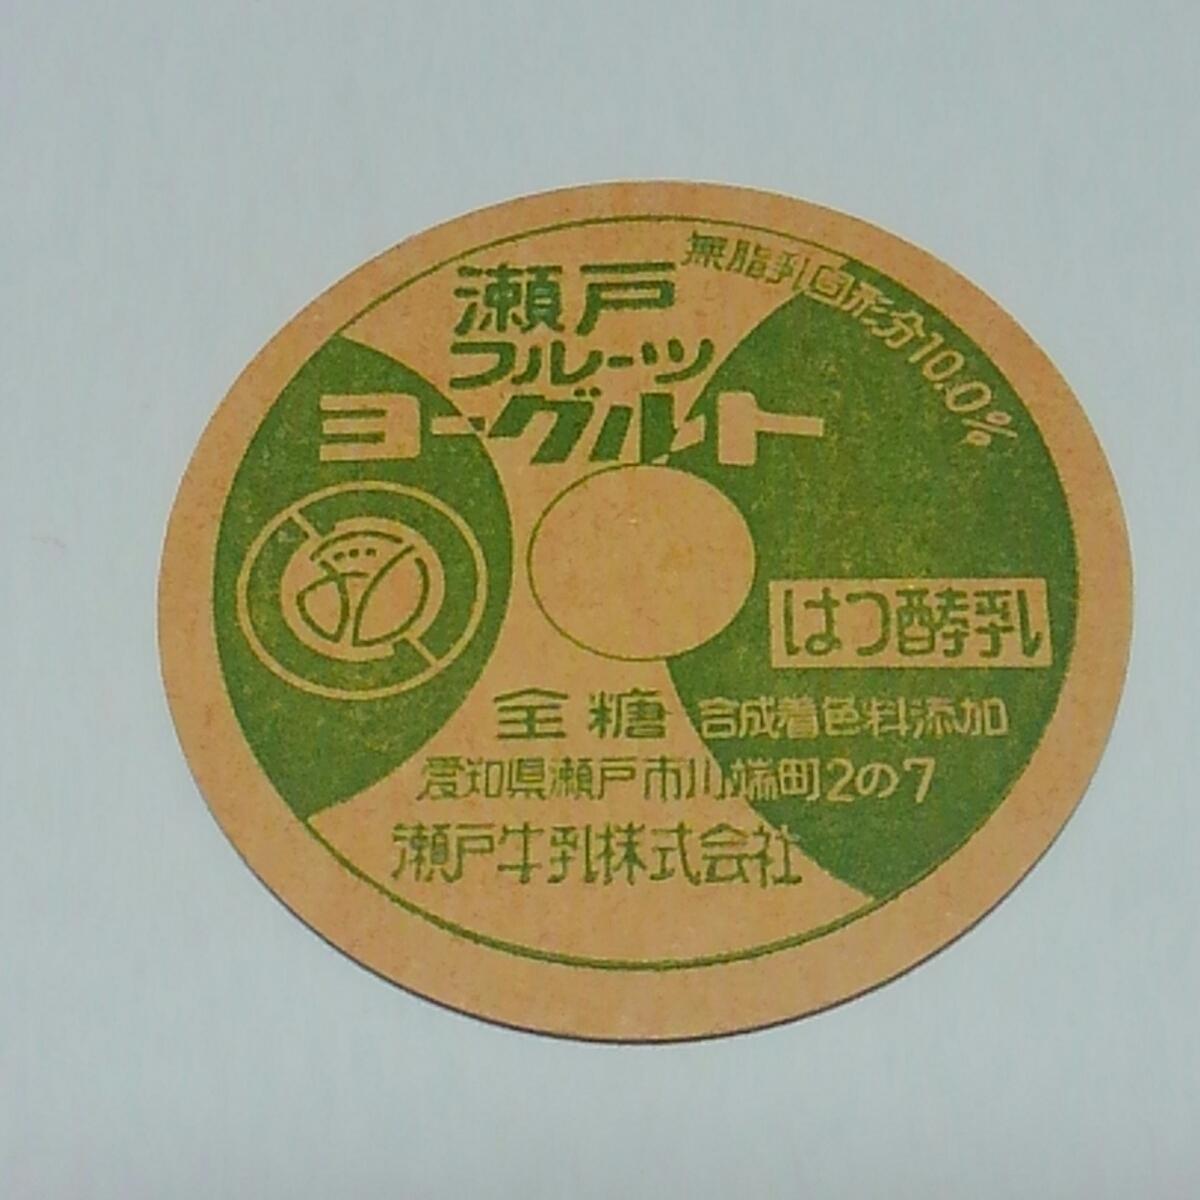 【牛乳キャップ】【レア】(キャップ大) 40年以上前 瀬戸フルーツヨーグルト 全糖 未使用 愛知県/瀬戸牛乳株式会社